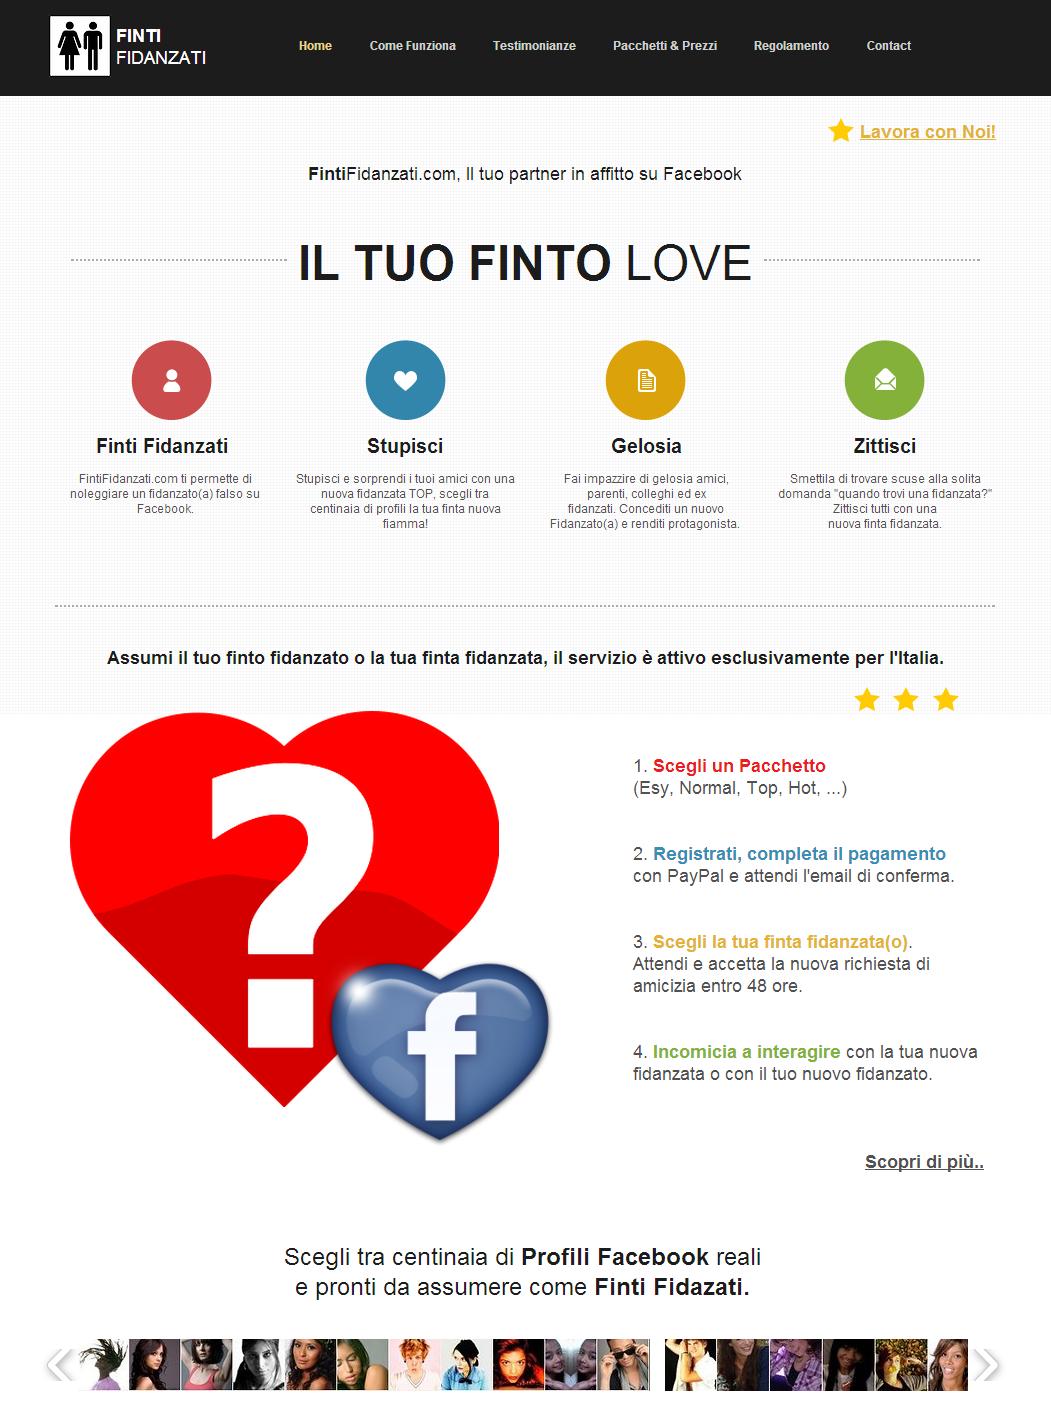 Il sito dove puoi comprare finti fidanzati su facebook for Che tipo di prestito puoi comprare terra